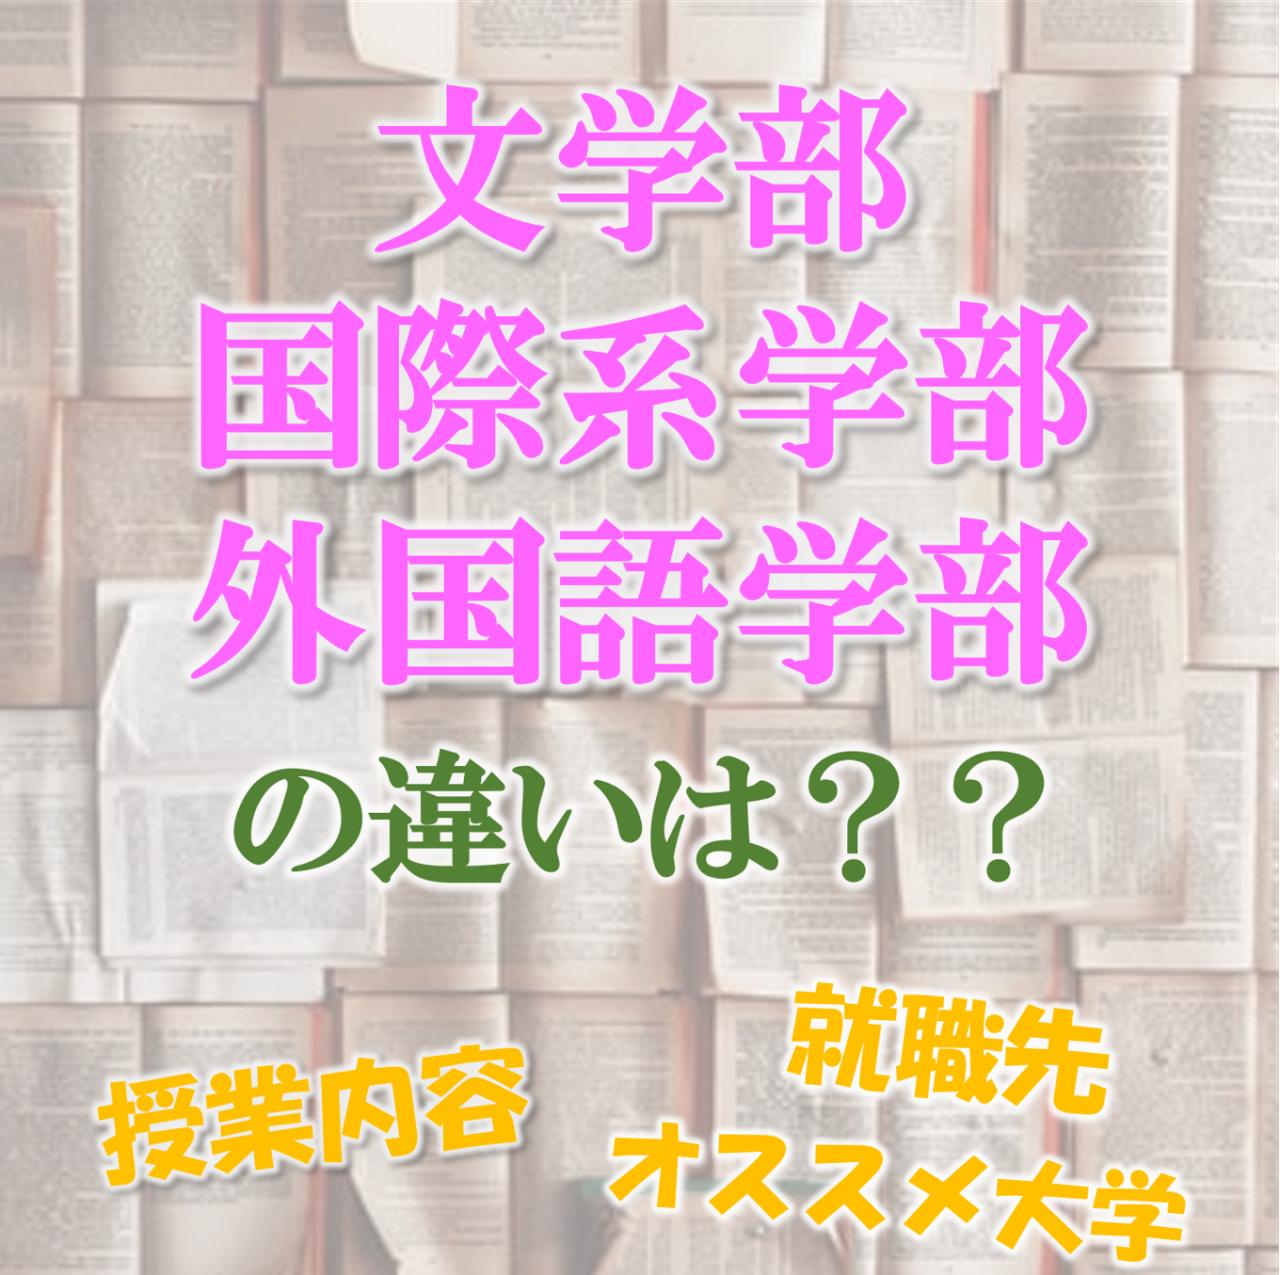 文学部・国際系・外国語の違い